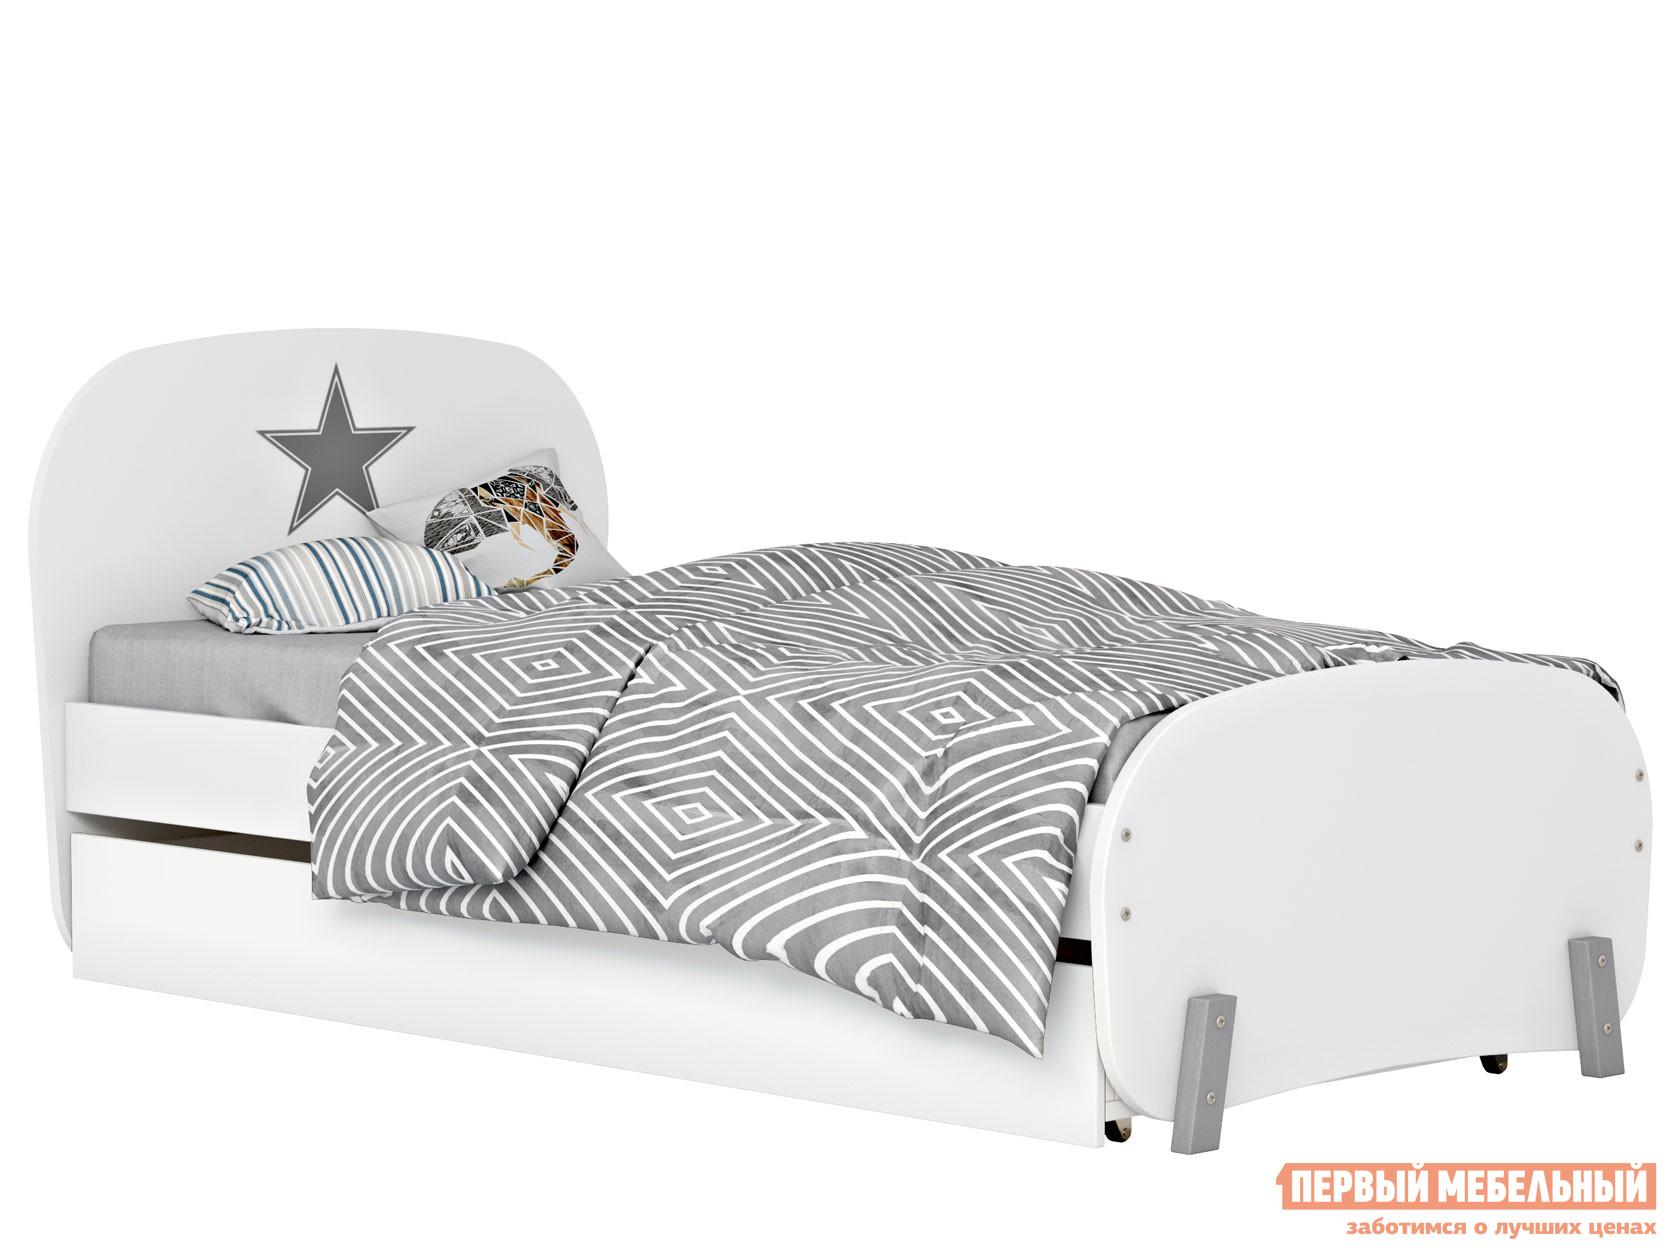 Детская кровать ВПК Кровать детская Polini kids Mirum 1915 c ящиком